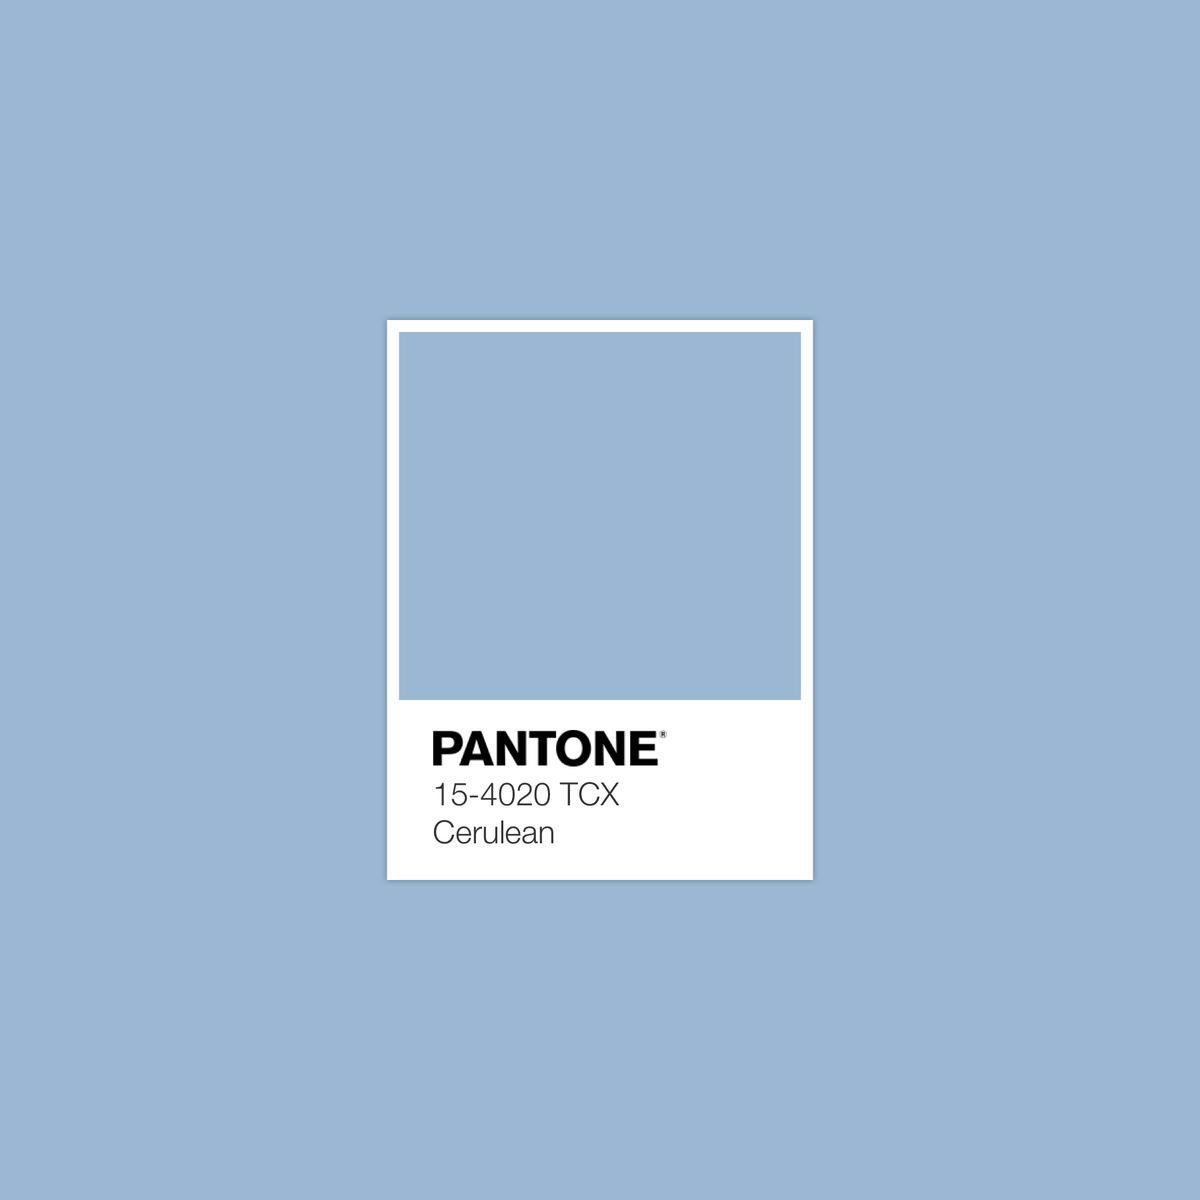 pantone-2000-rengi